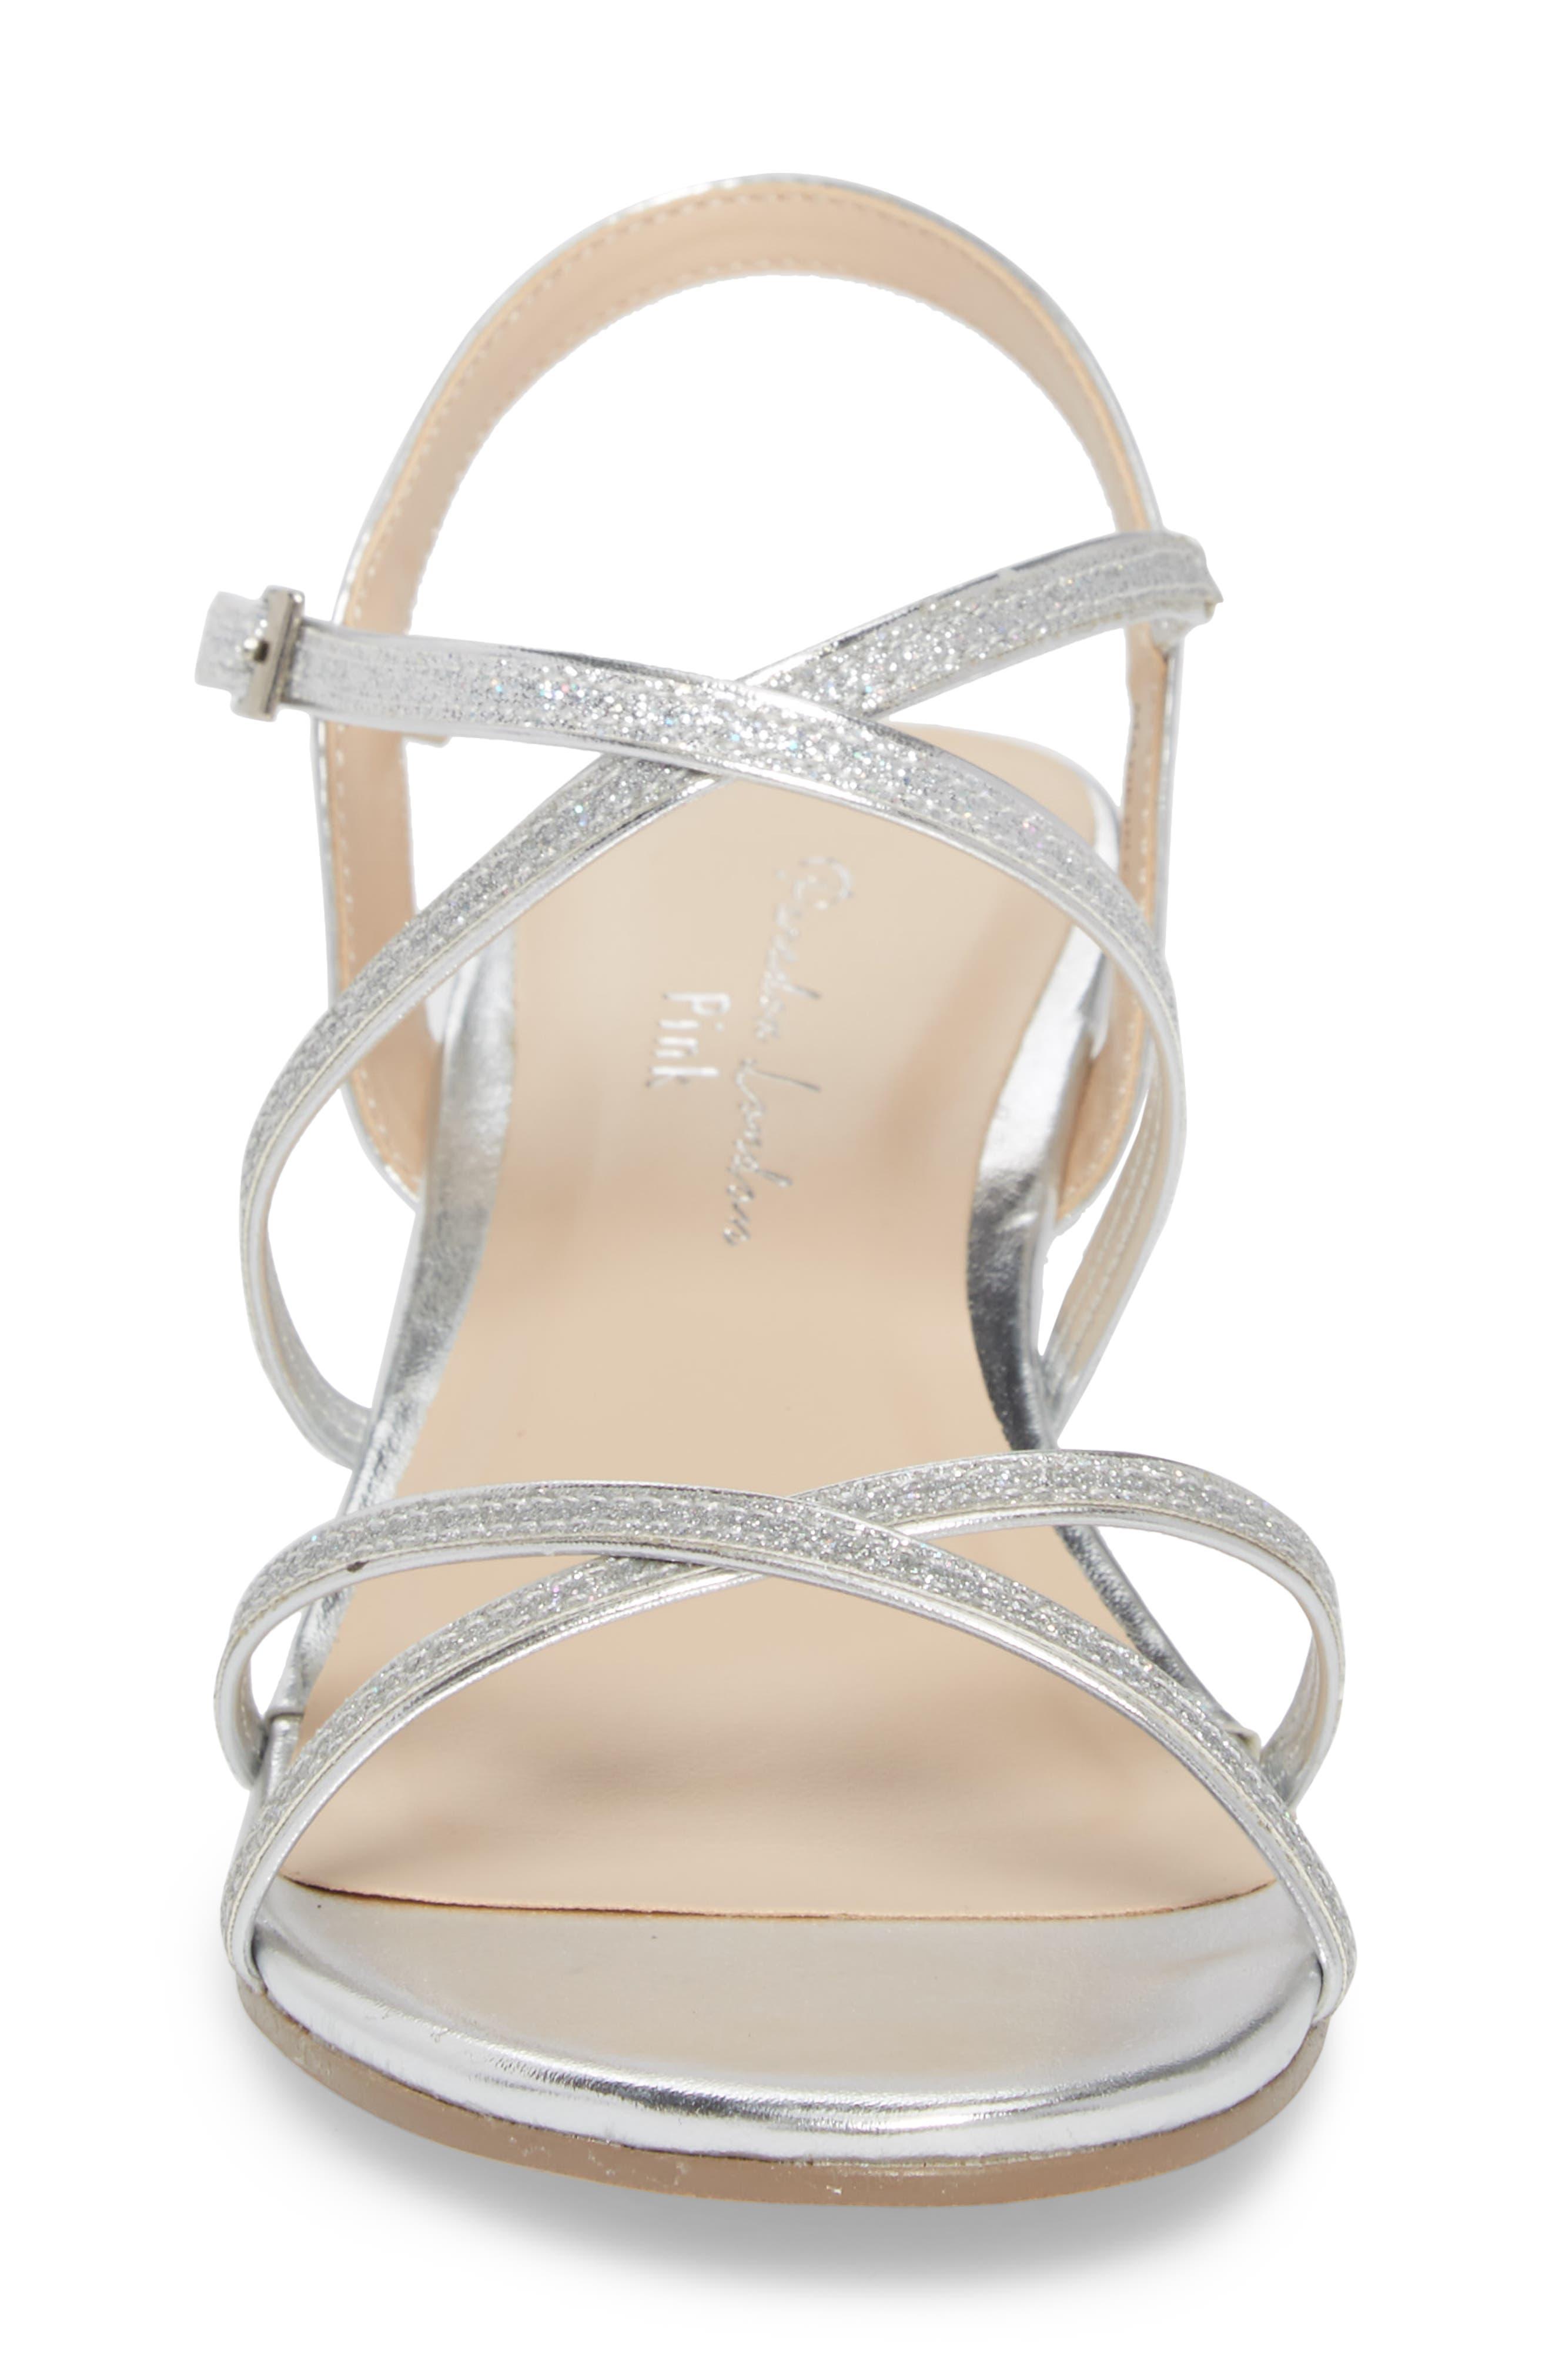 Kadie Wedge Sandal,                             Alternate thumbnail 4, color,                             Silver Glitter